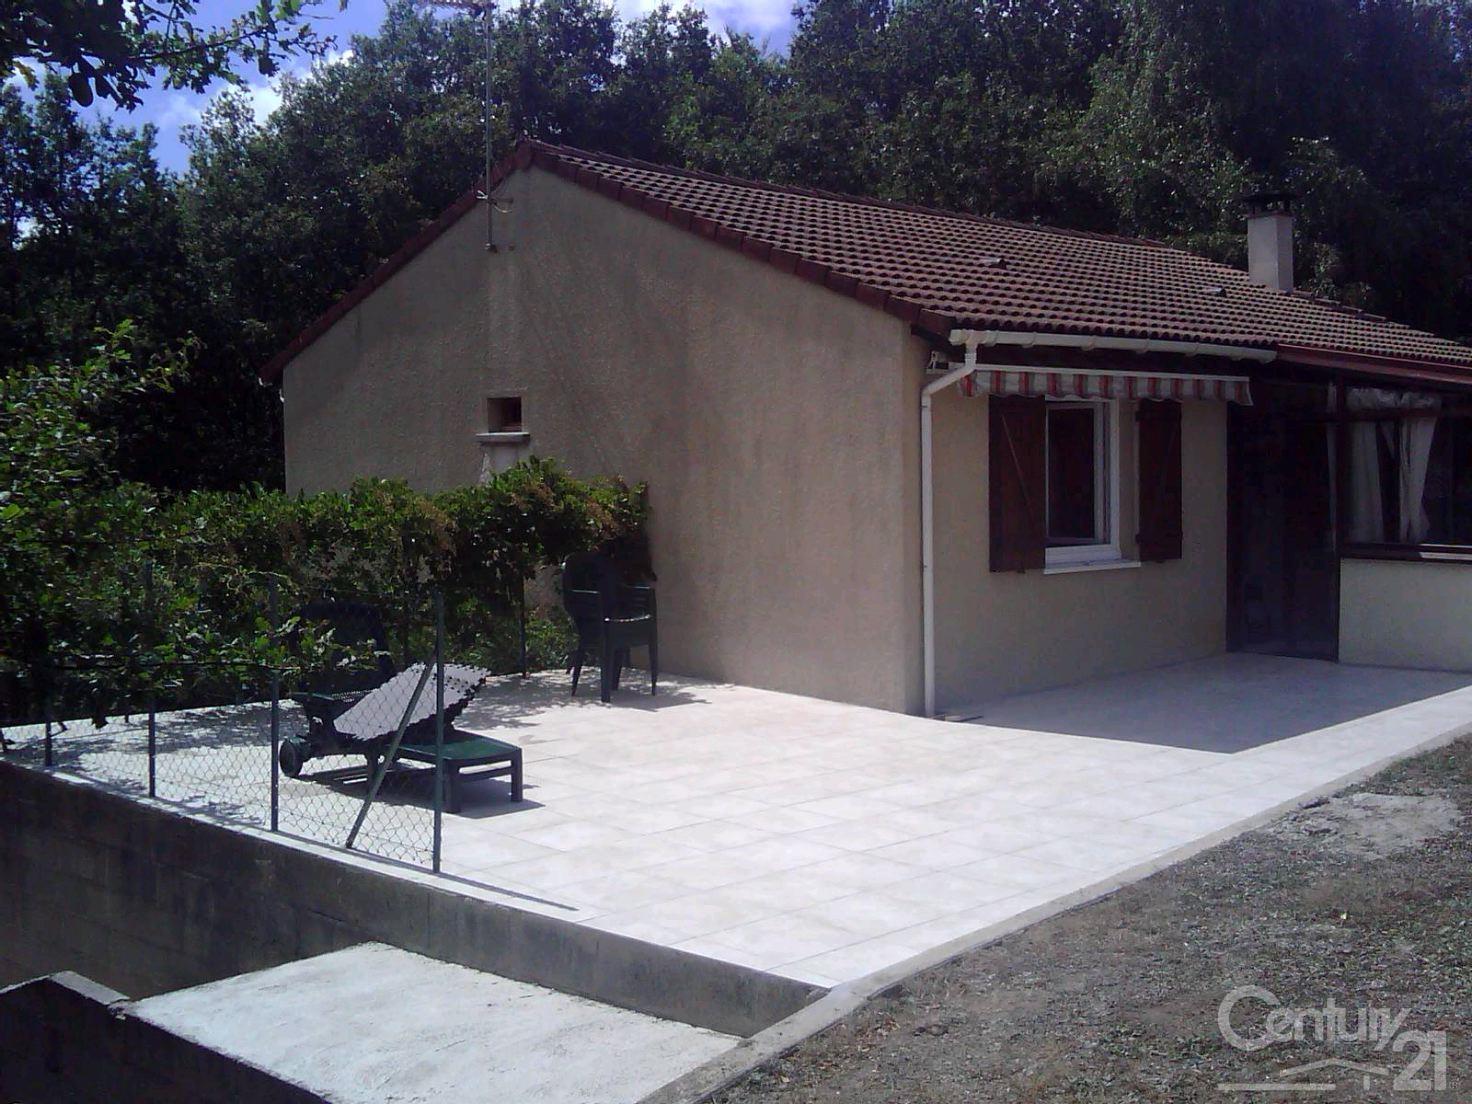 Annonce location maison raz s 87640 101 m 600 for Annonce location maison